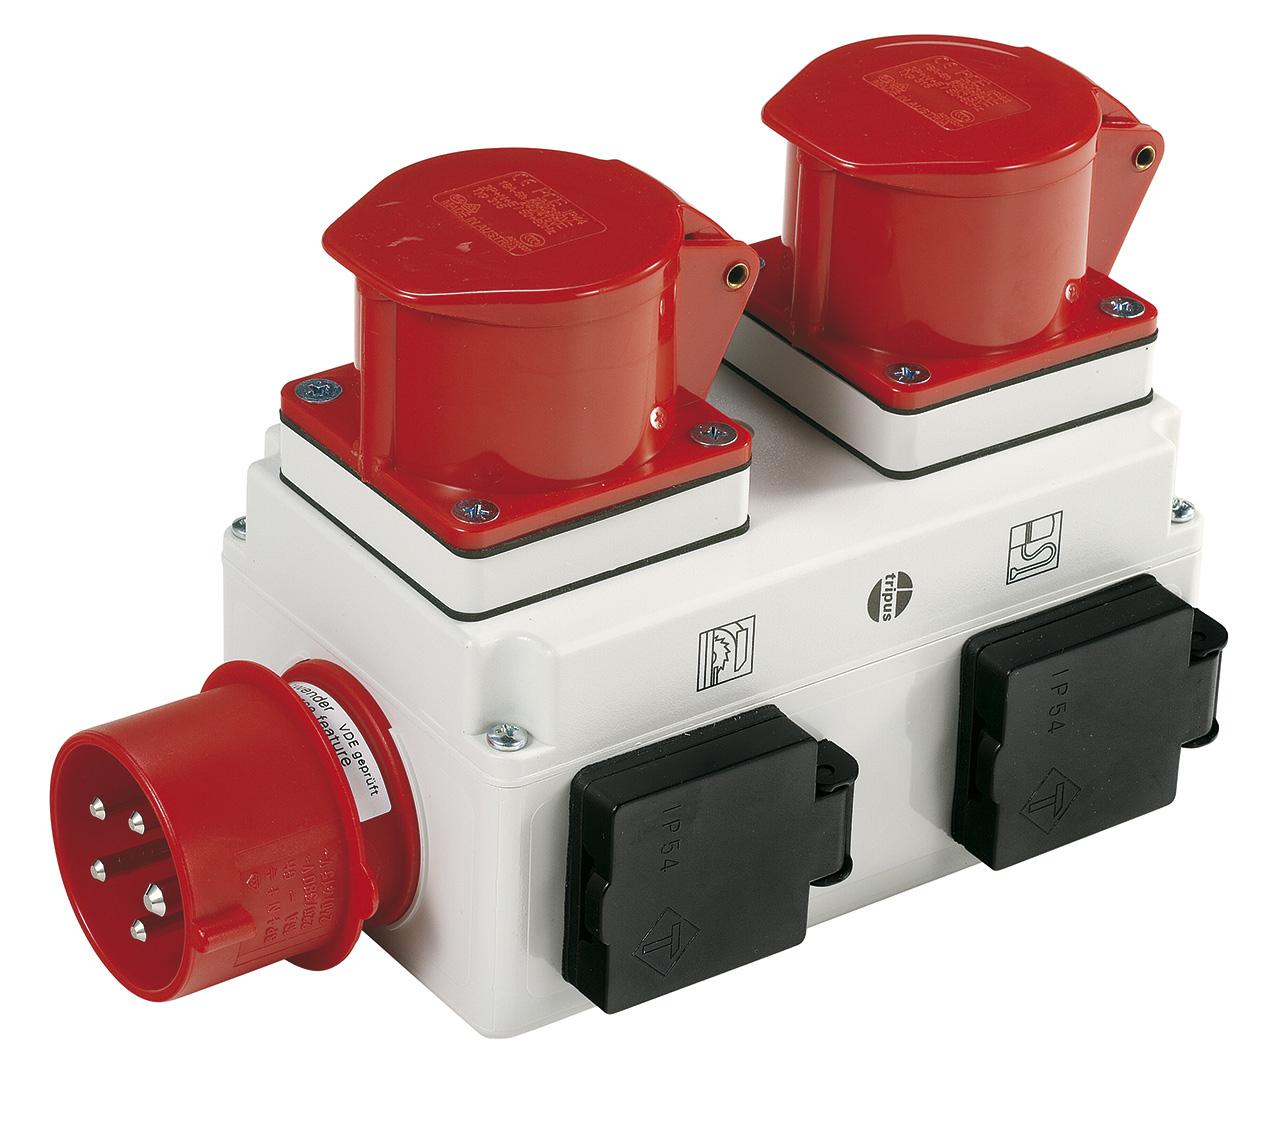 Einschaltautomatik ALV 10: Beim Ein- bzw. Ausschalten der Holzbearbeitungsmaschine wird die Absauganlage mitZeitverzögerung zu- bzw. abgeschaltet (Option).